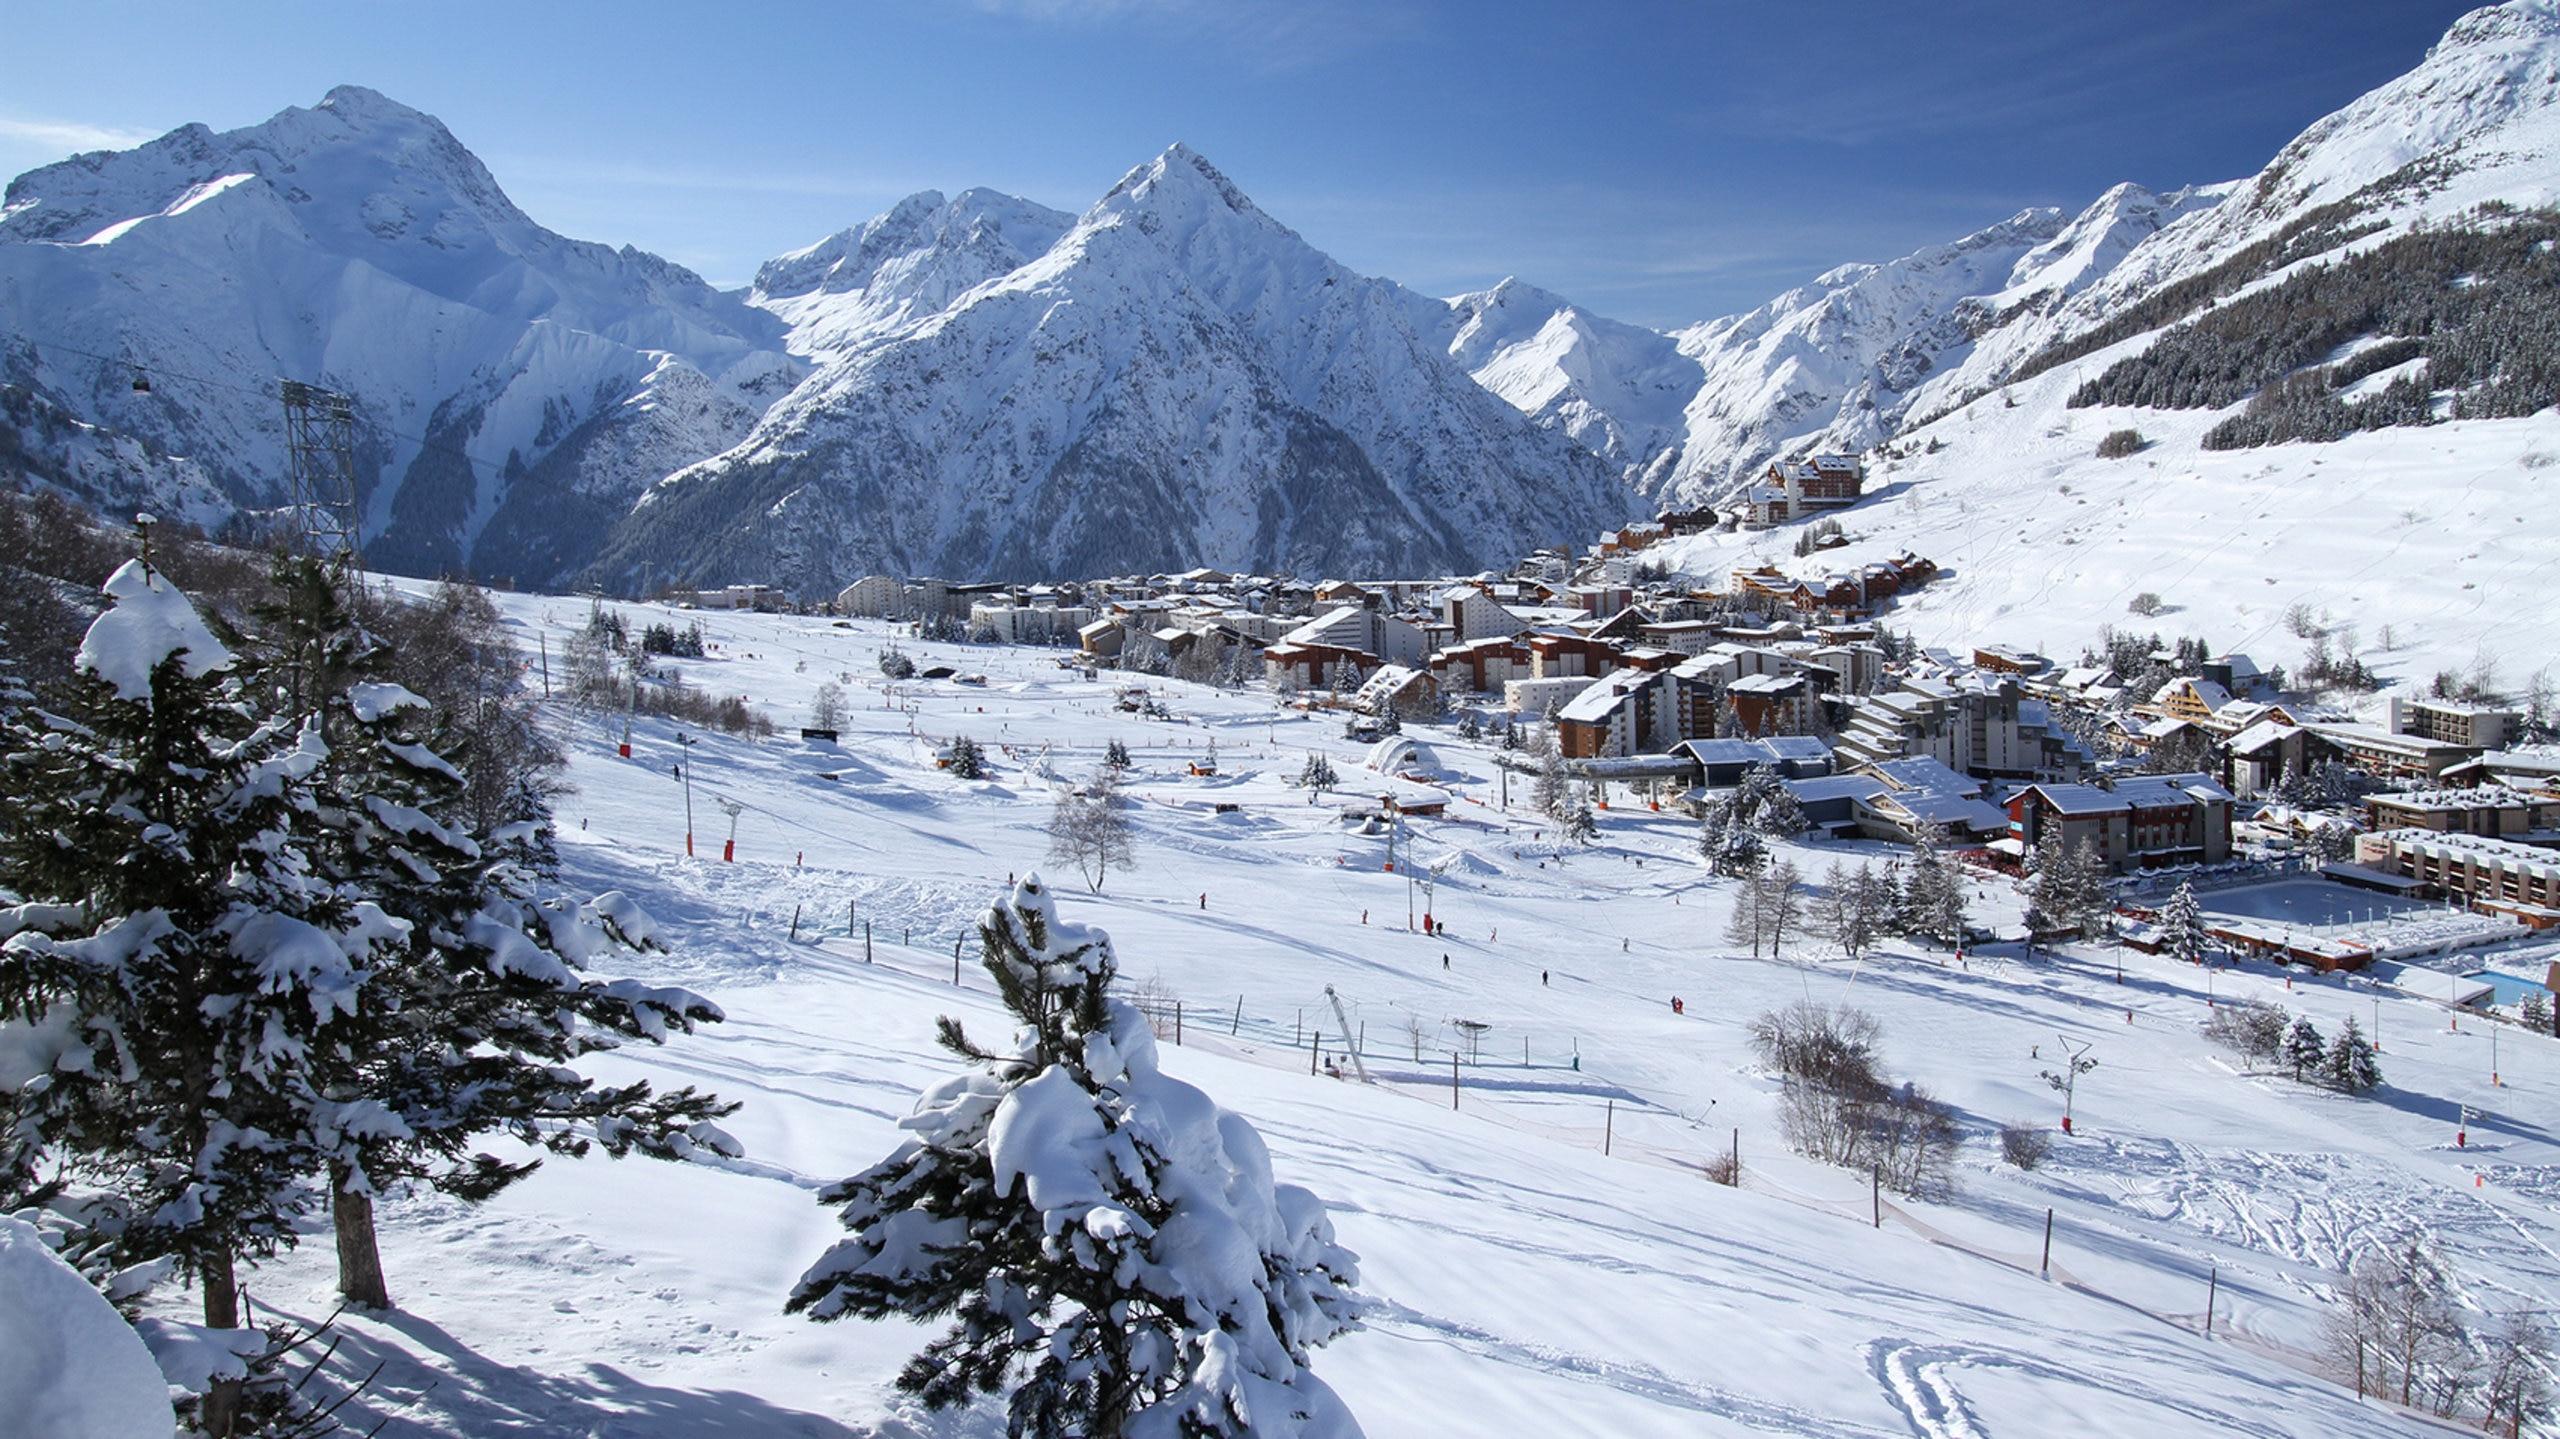 Venosc, Les Deux Alpes, Isere, France